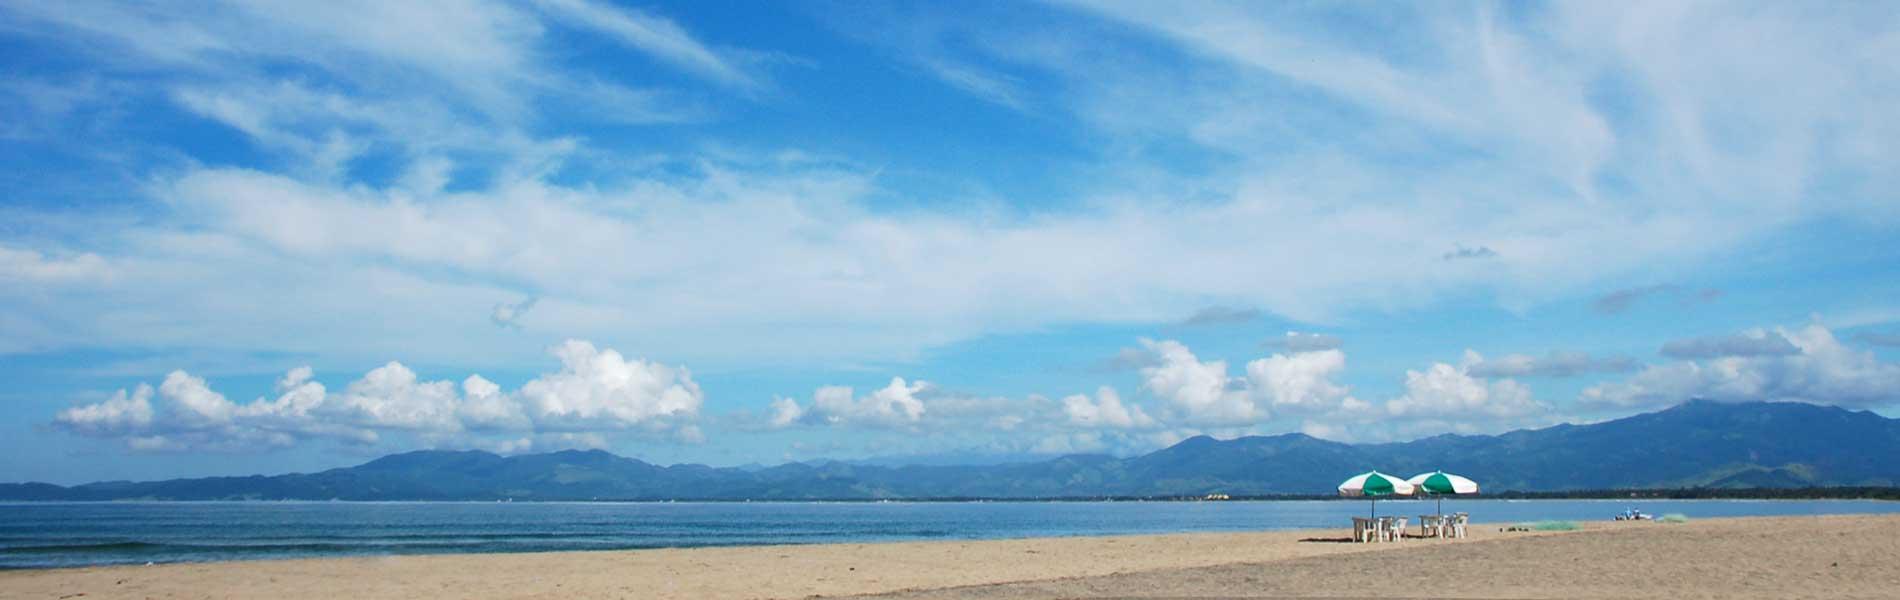 beach2-19-6